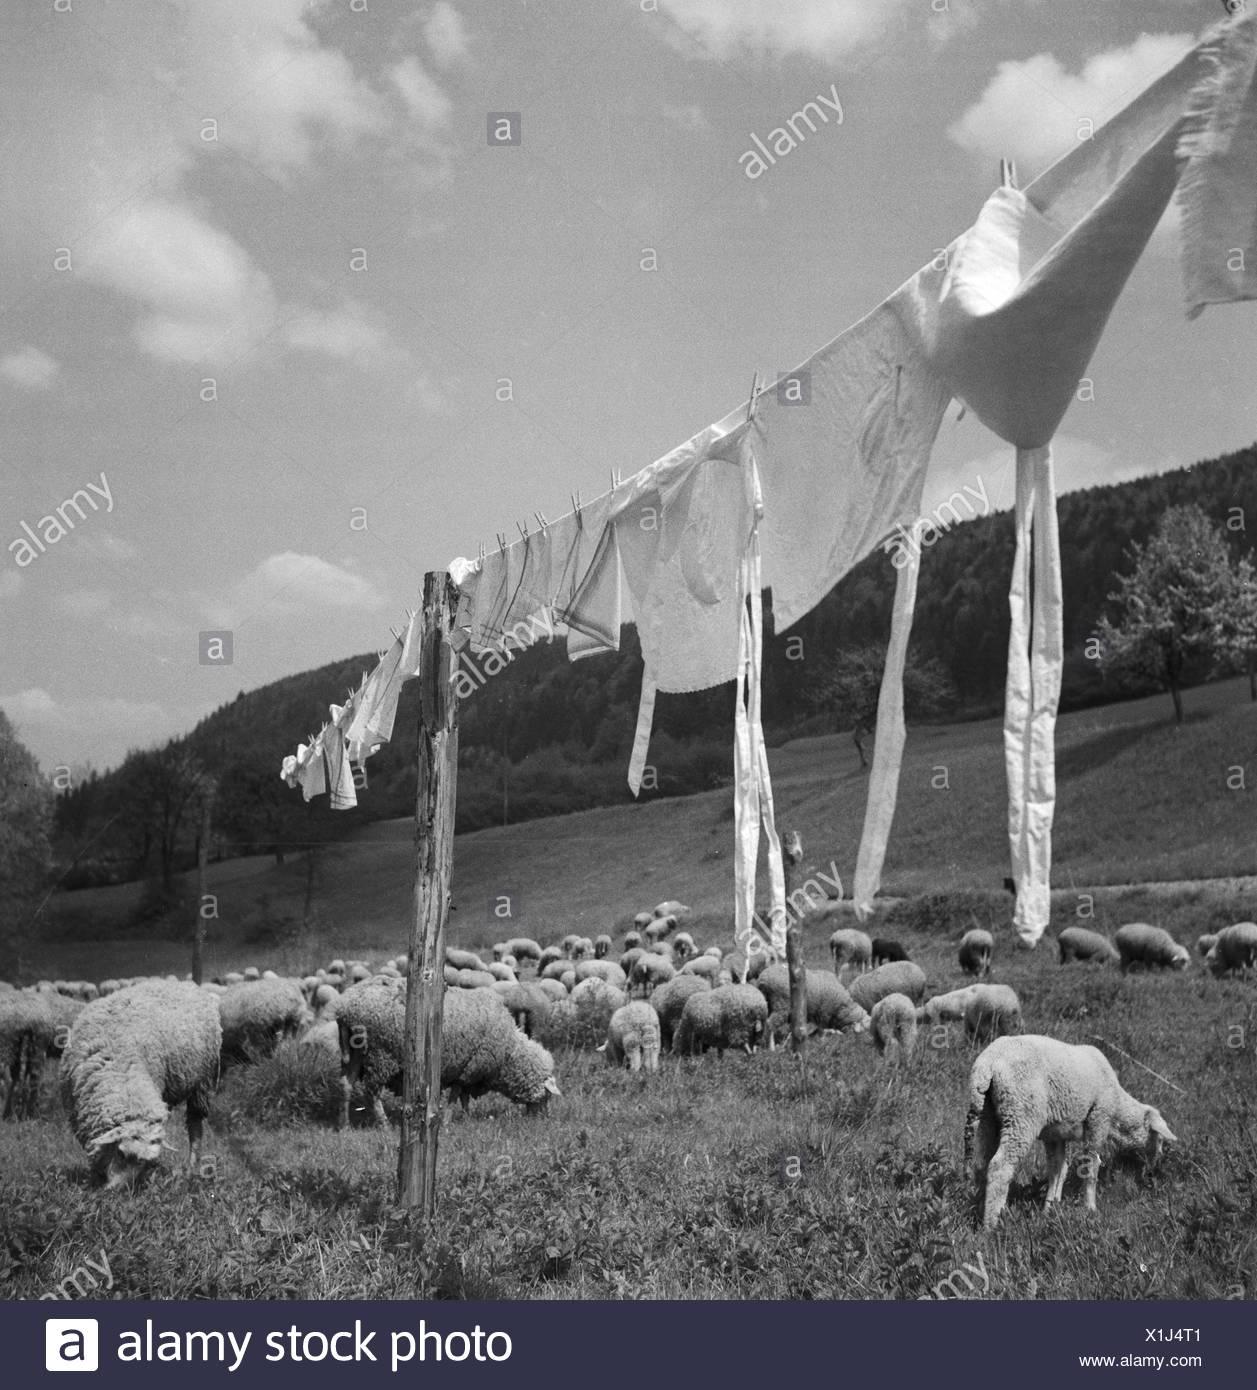 Frische Wäsche Trocknet Auf Einer Leine Zwischen Einer Herde Schafe, 1930er Jahre Deutschland. Frisch waschen trocknen zwischen einer Schafherde, Deutschland der 1930er Jahre. Stockbild